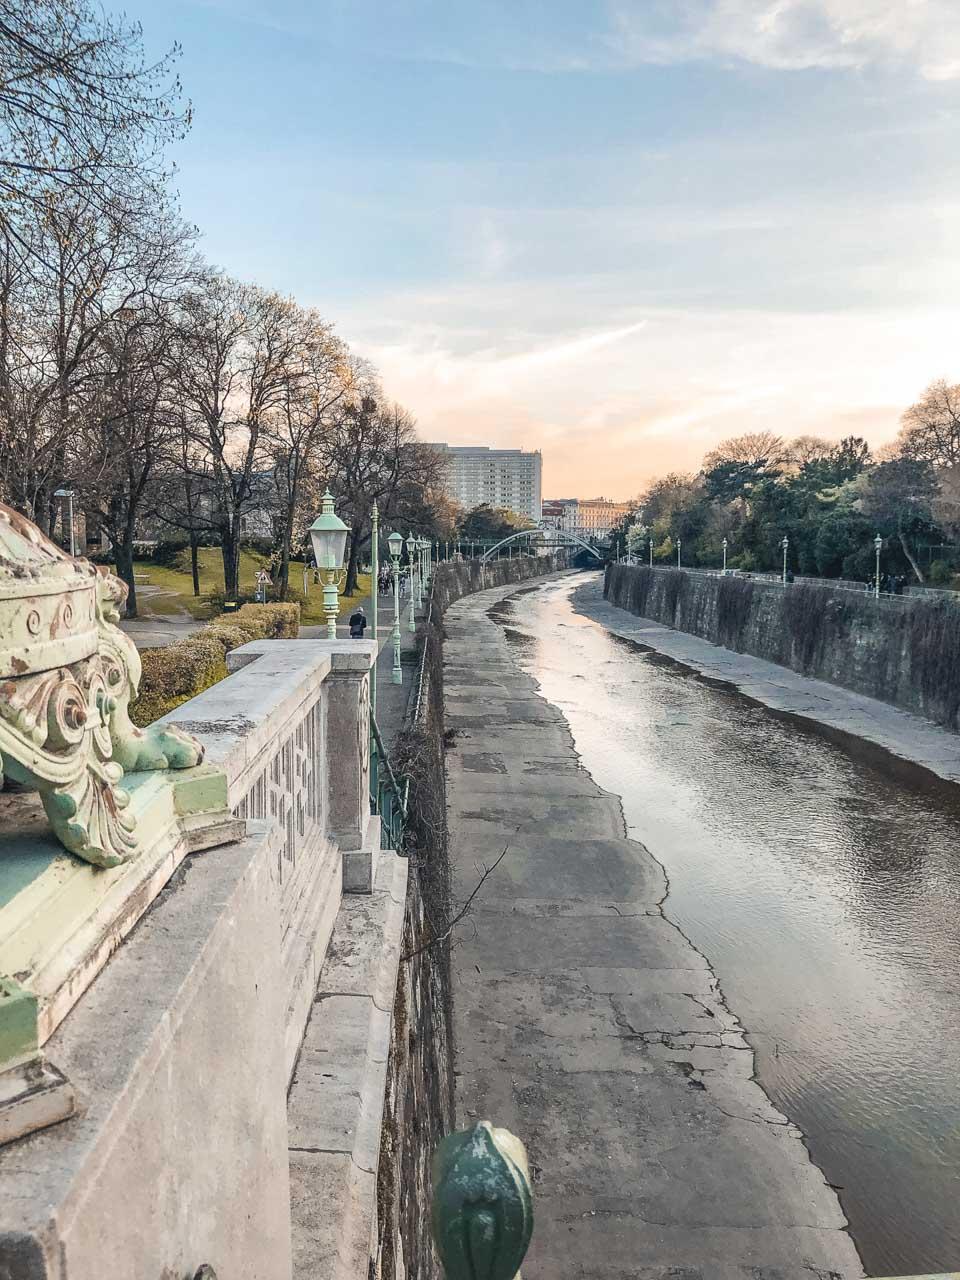 View from a bridge in Vienna, Austria